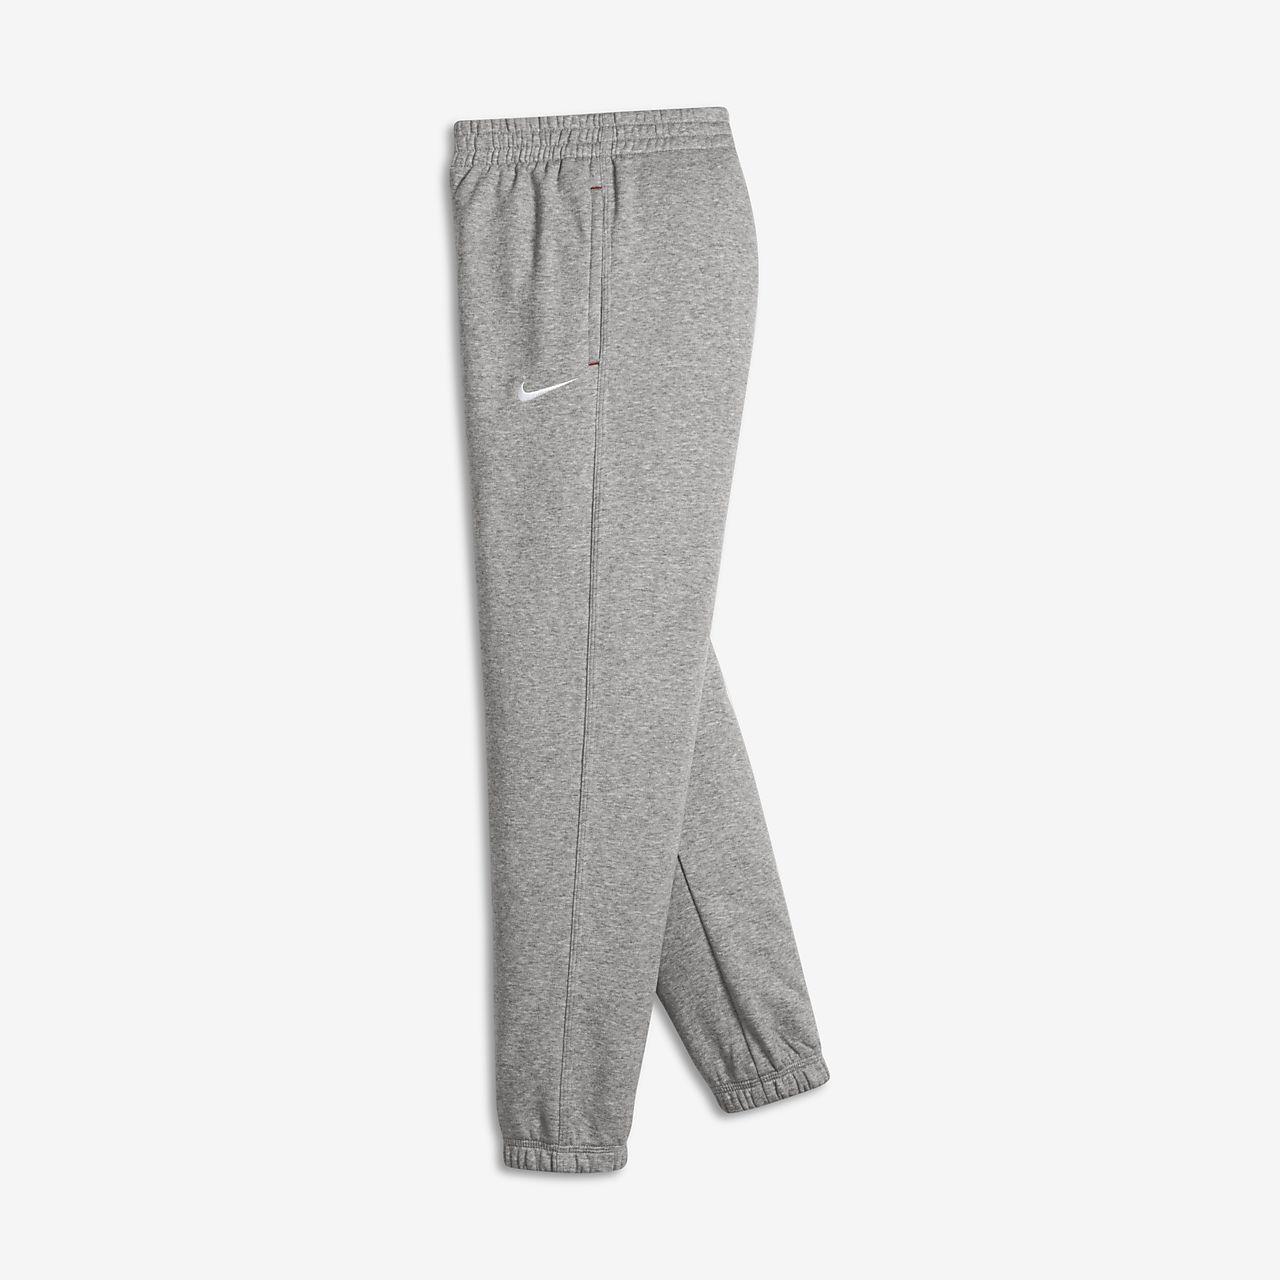 Nike Brushed-Fleece Cuffed Pantalons de xandall - Nois